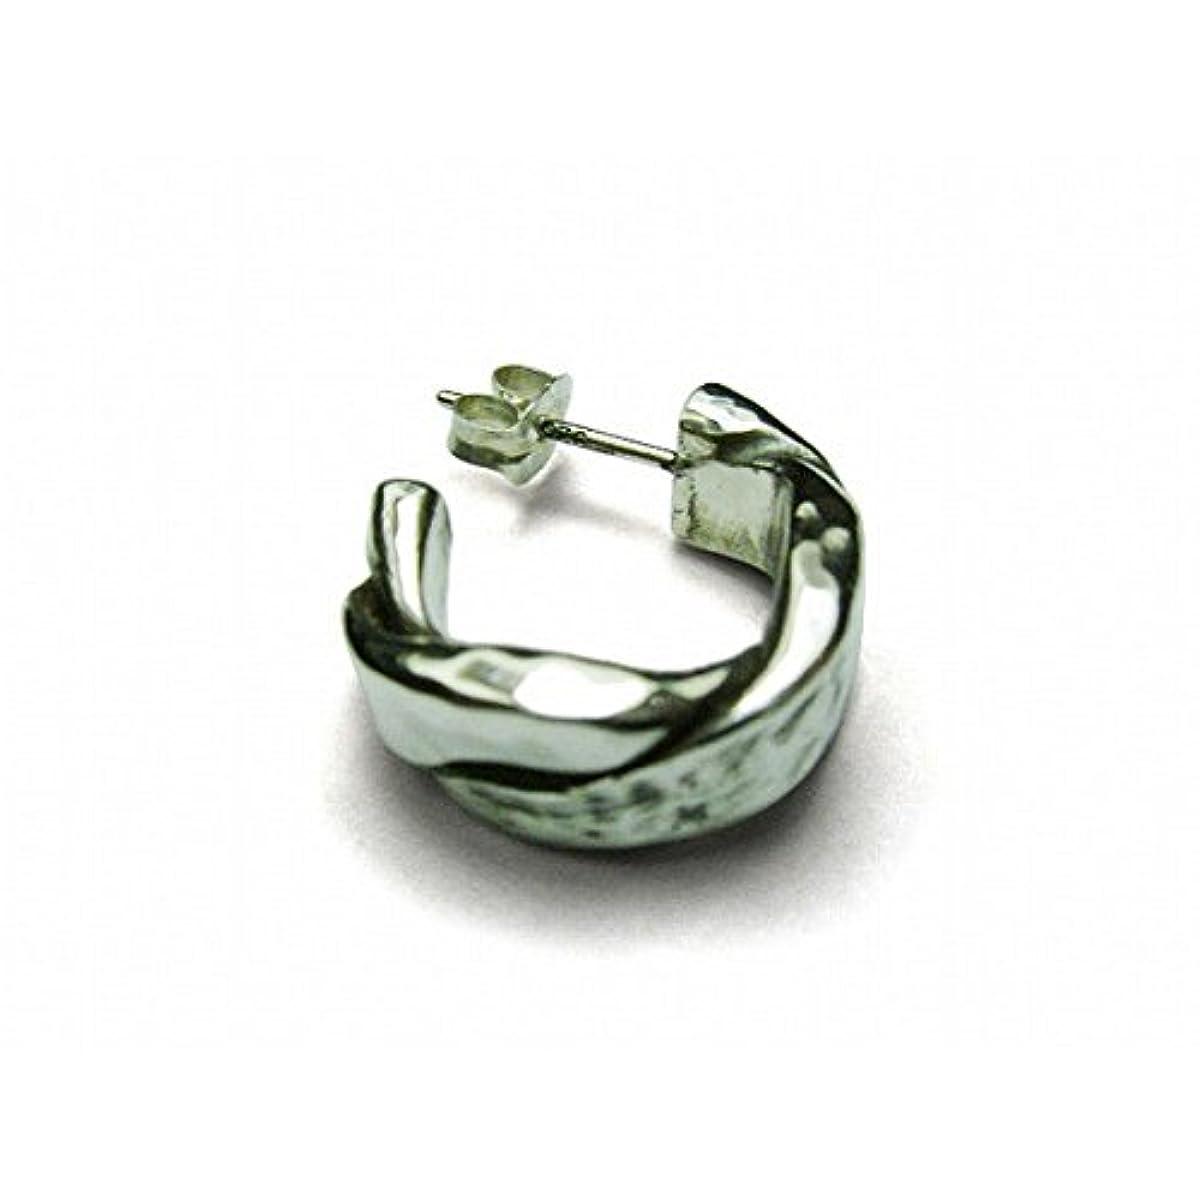 ステレオ軸繁雑VIVIFY ビビファイ フープピアス シルバー リングTwist & Press Pierce(Silver x Silver) 受注生産